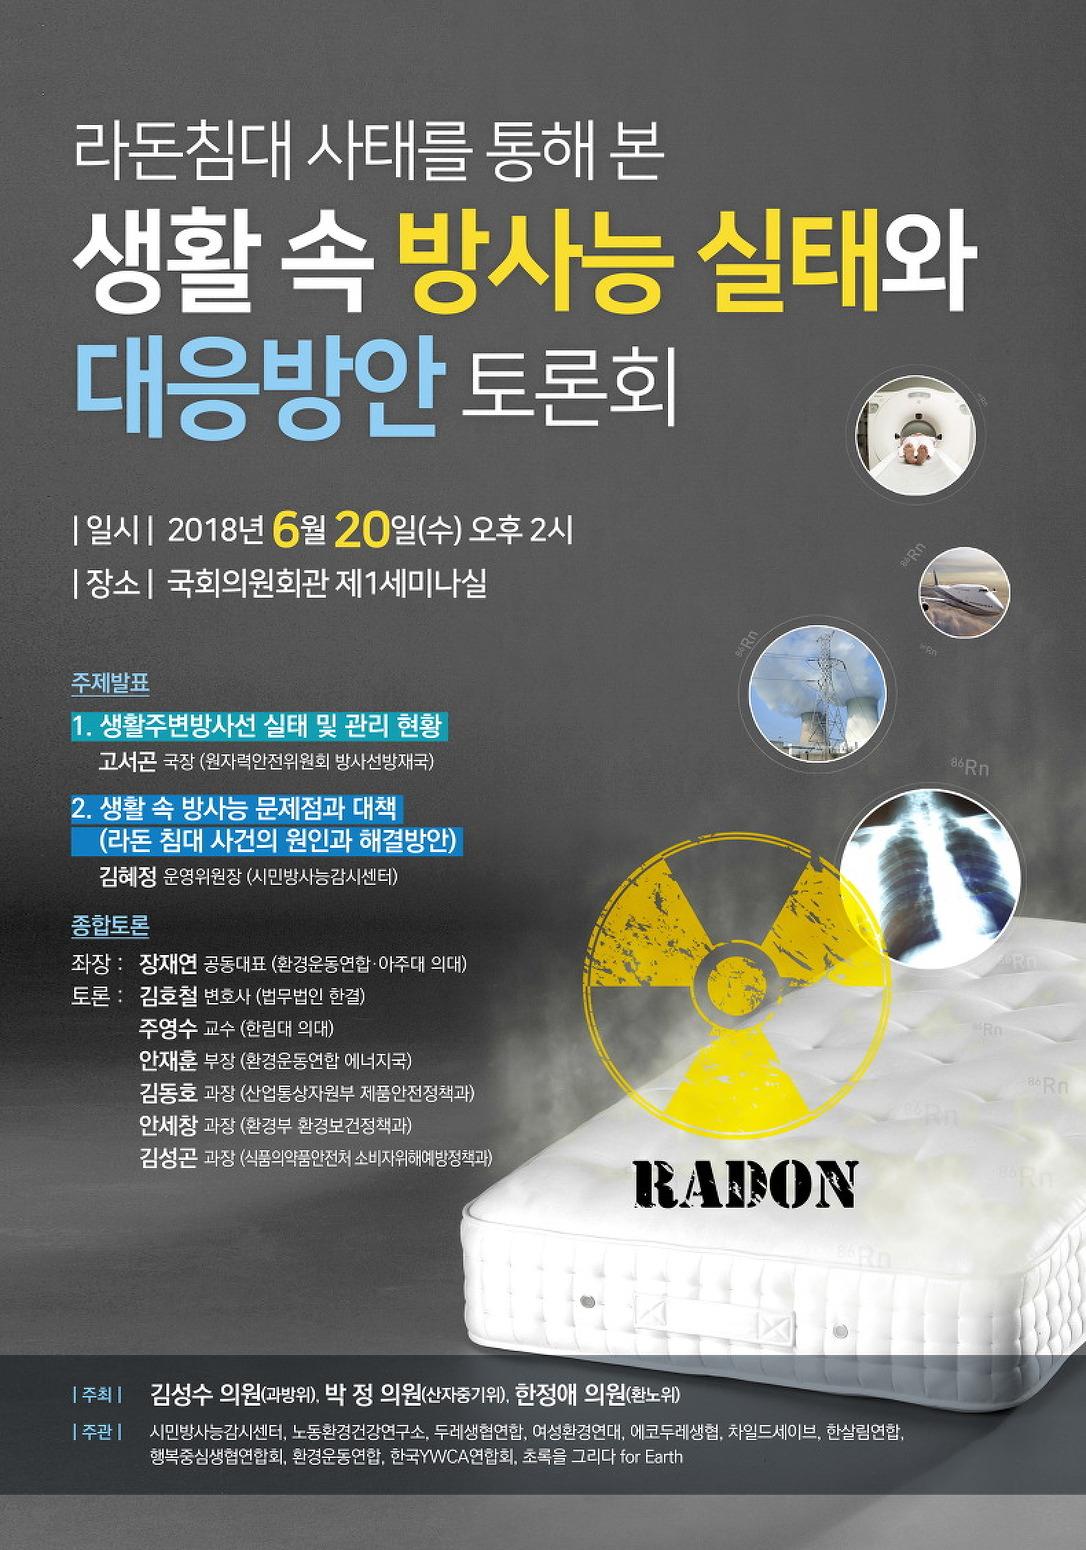 [토론회] 생활 속 방사능 실태와 대응방안 토론회 개최